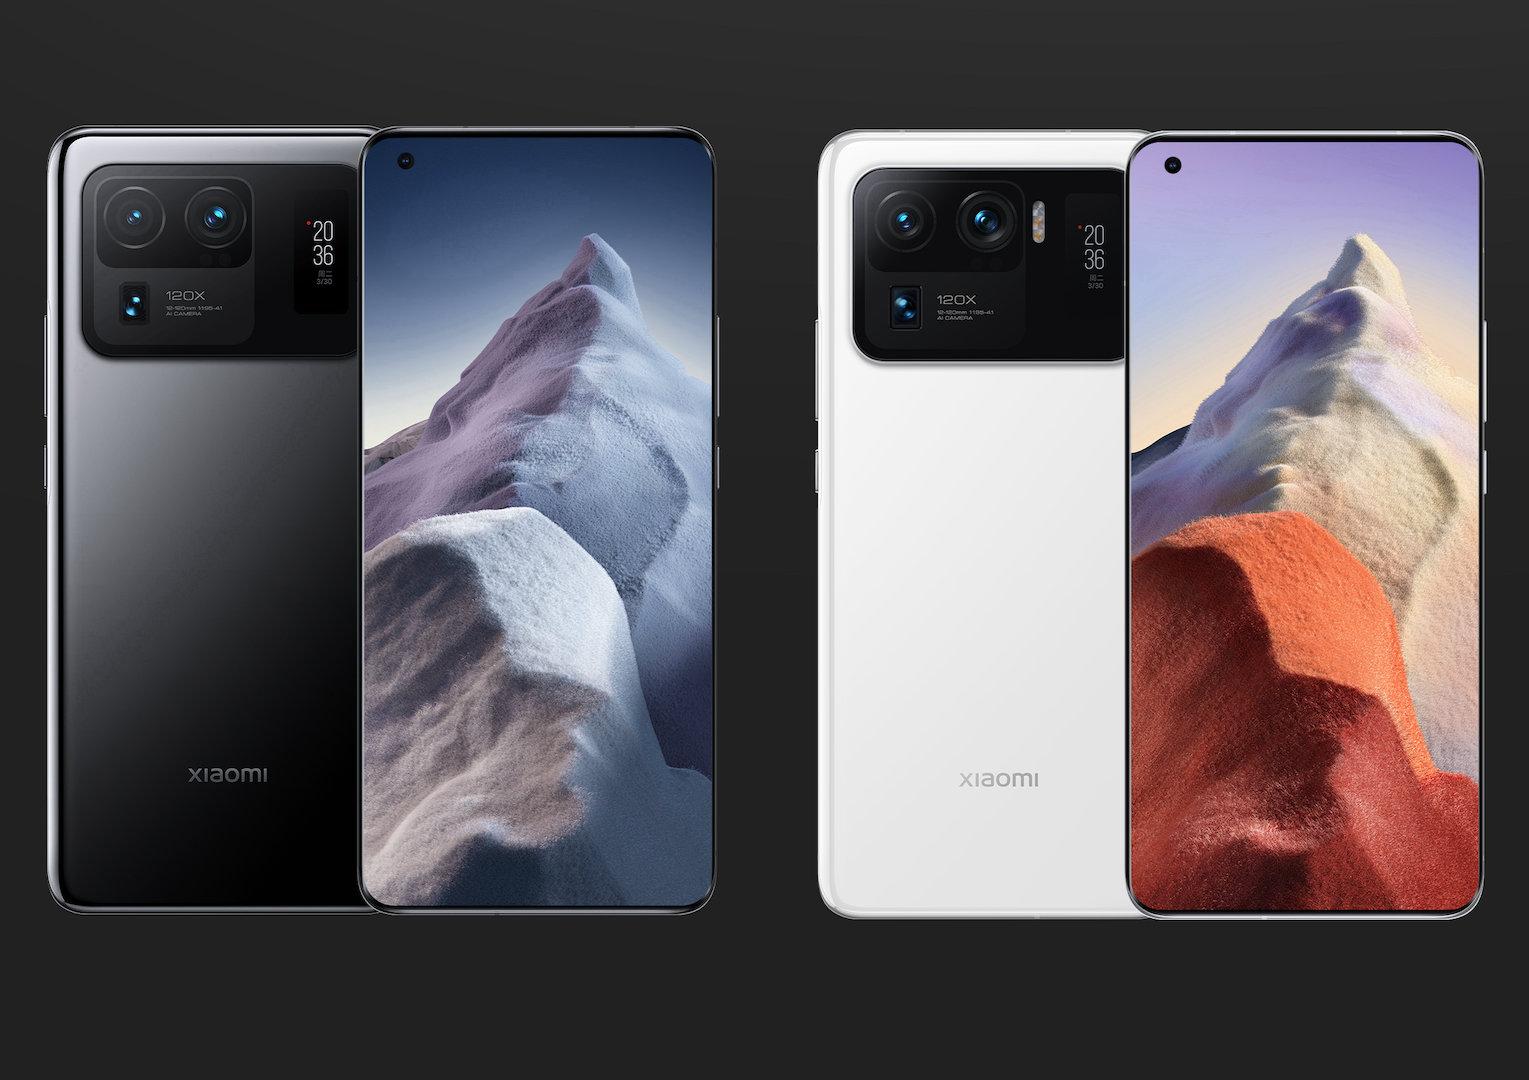 Plein de nouveautés Xiaomi, malware Android et soucis sur la PS5 – Tech'spresso